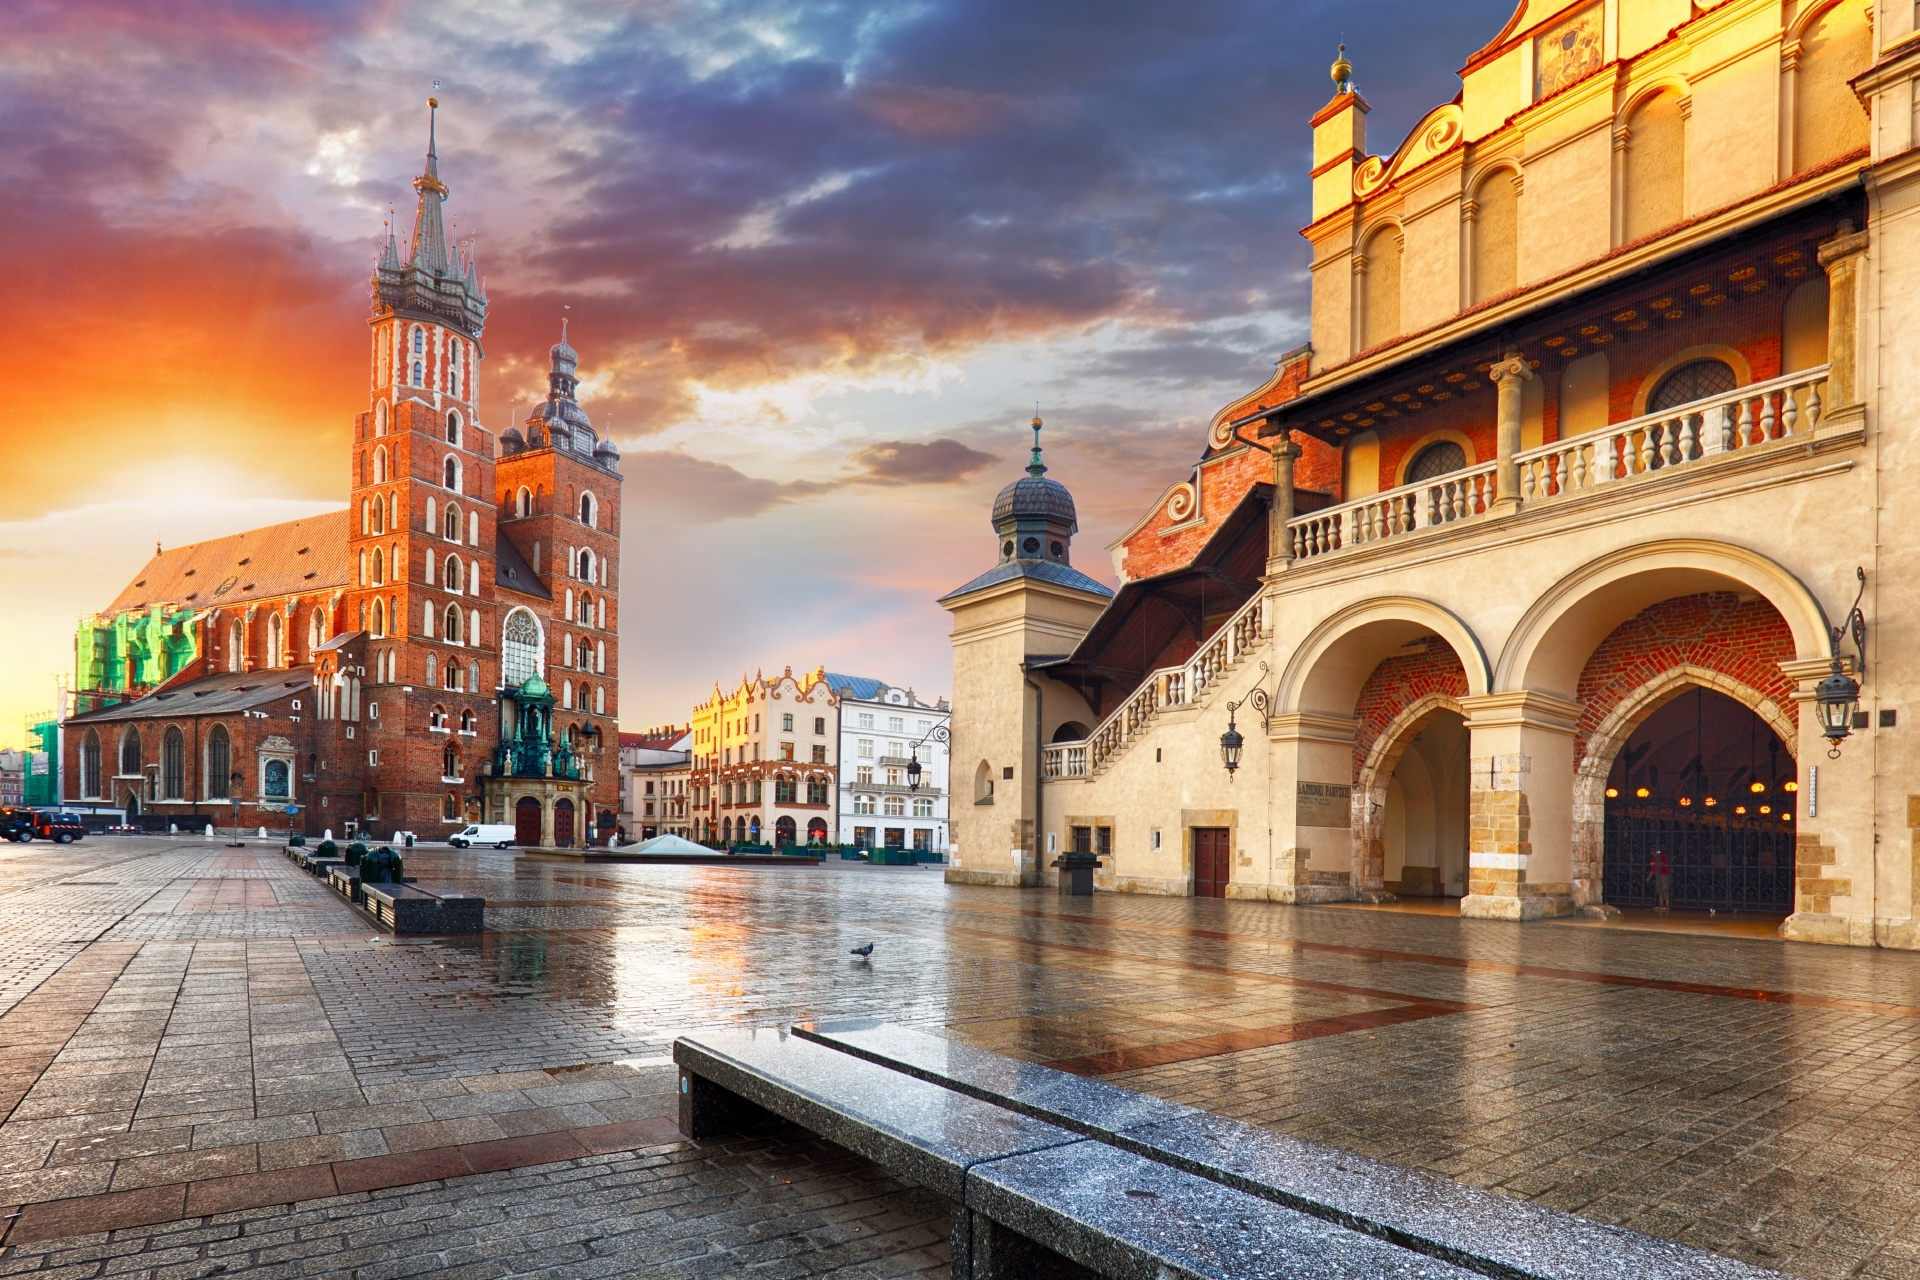 夕暮れのクラクフ 中央市場広場 ポーランドの風景